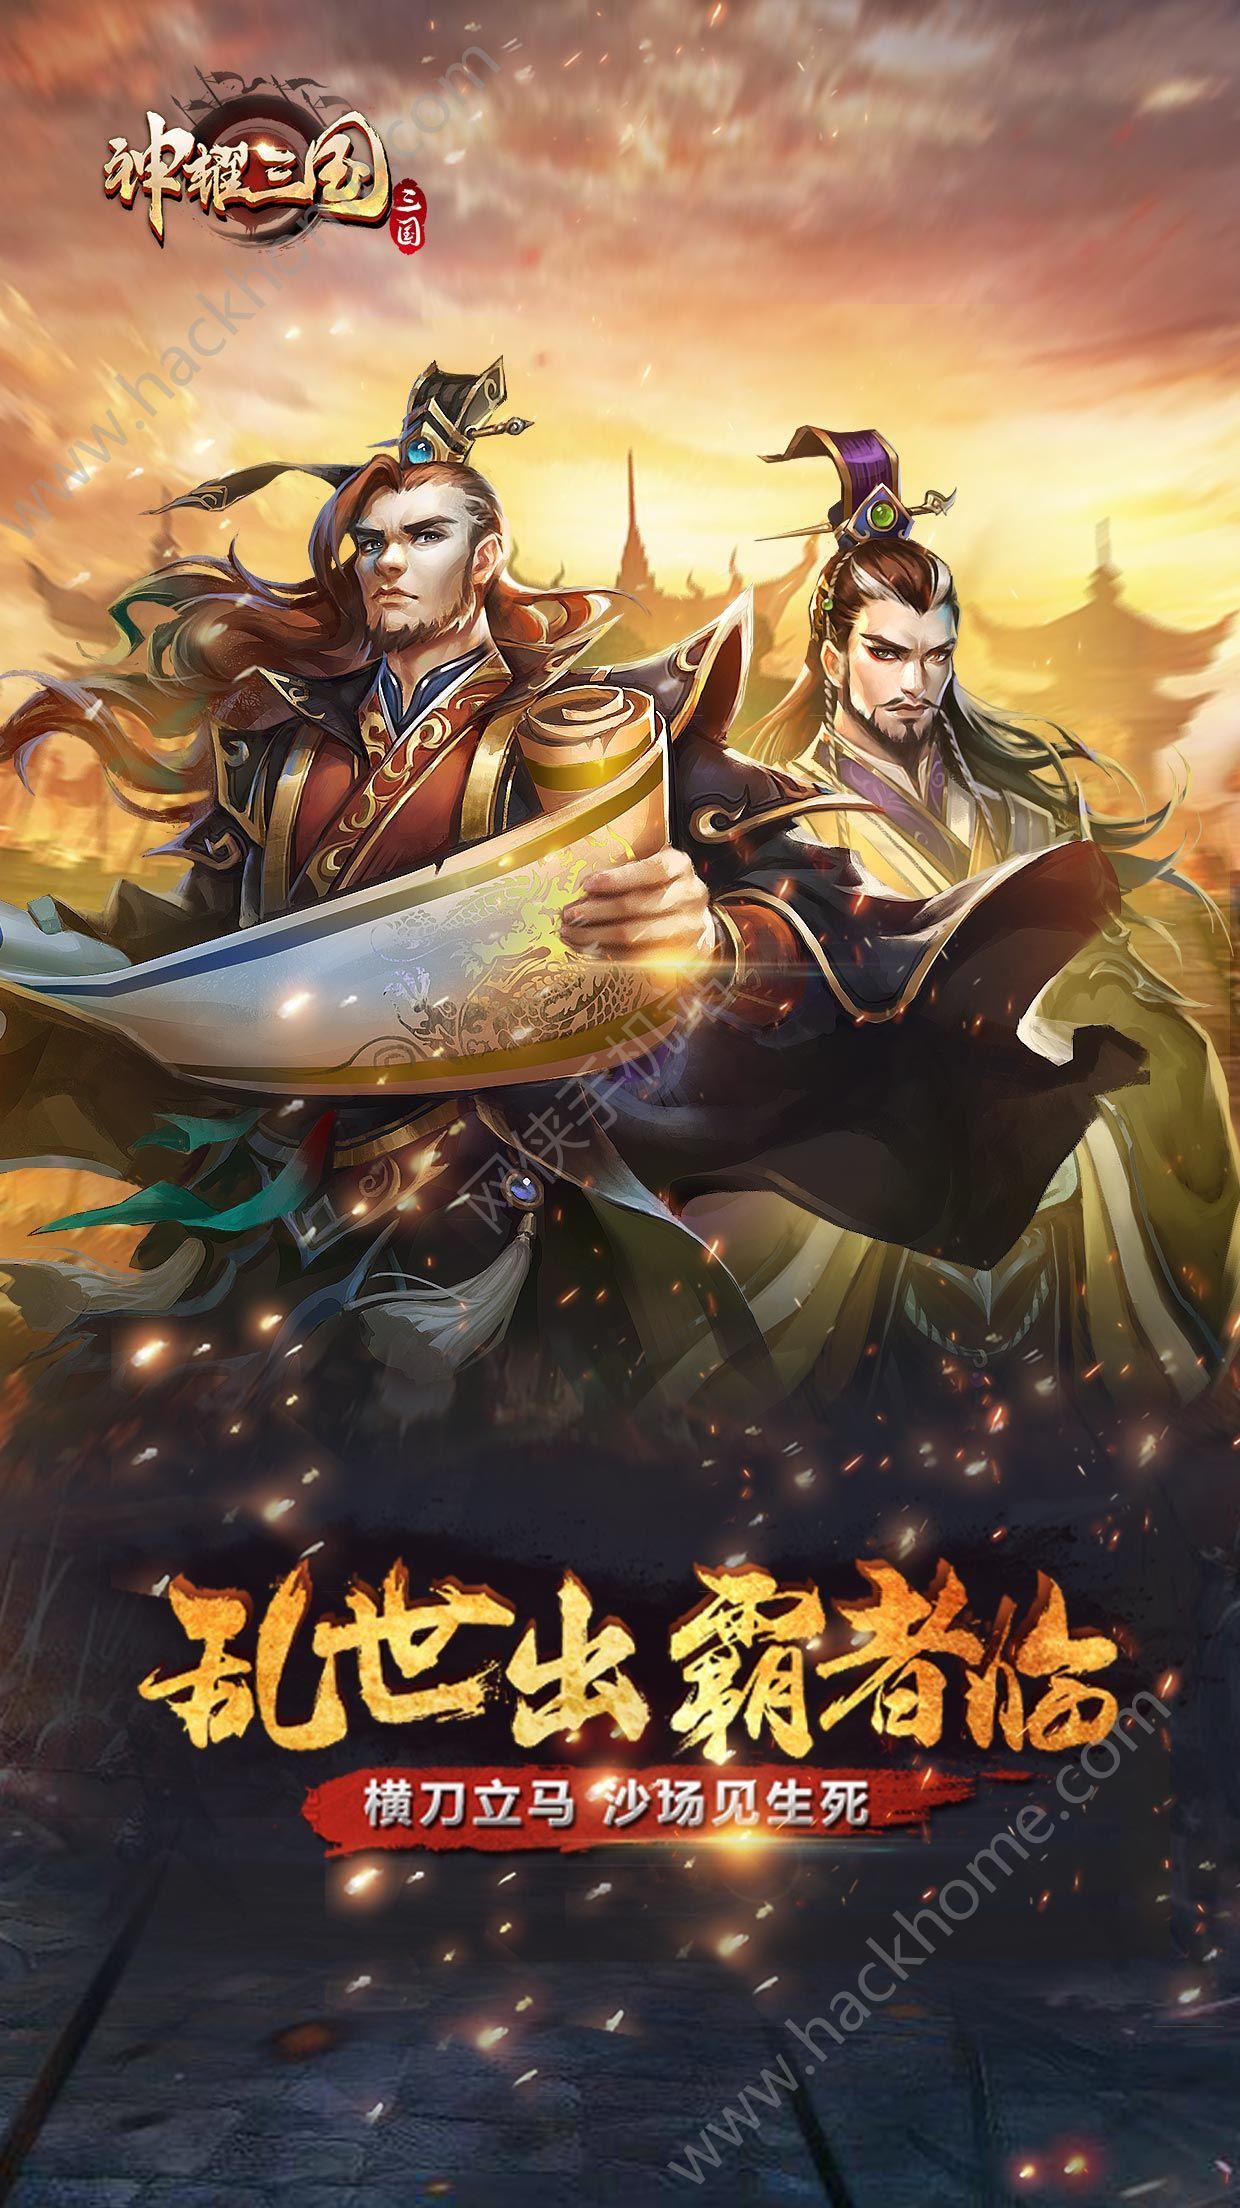 神耀三国游戏官方网站下载图1: